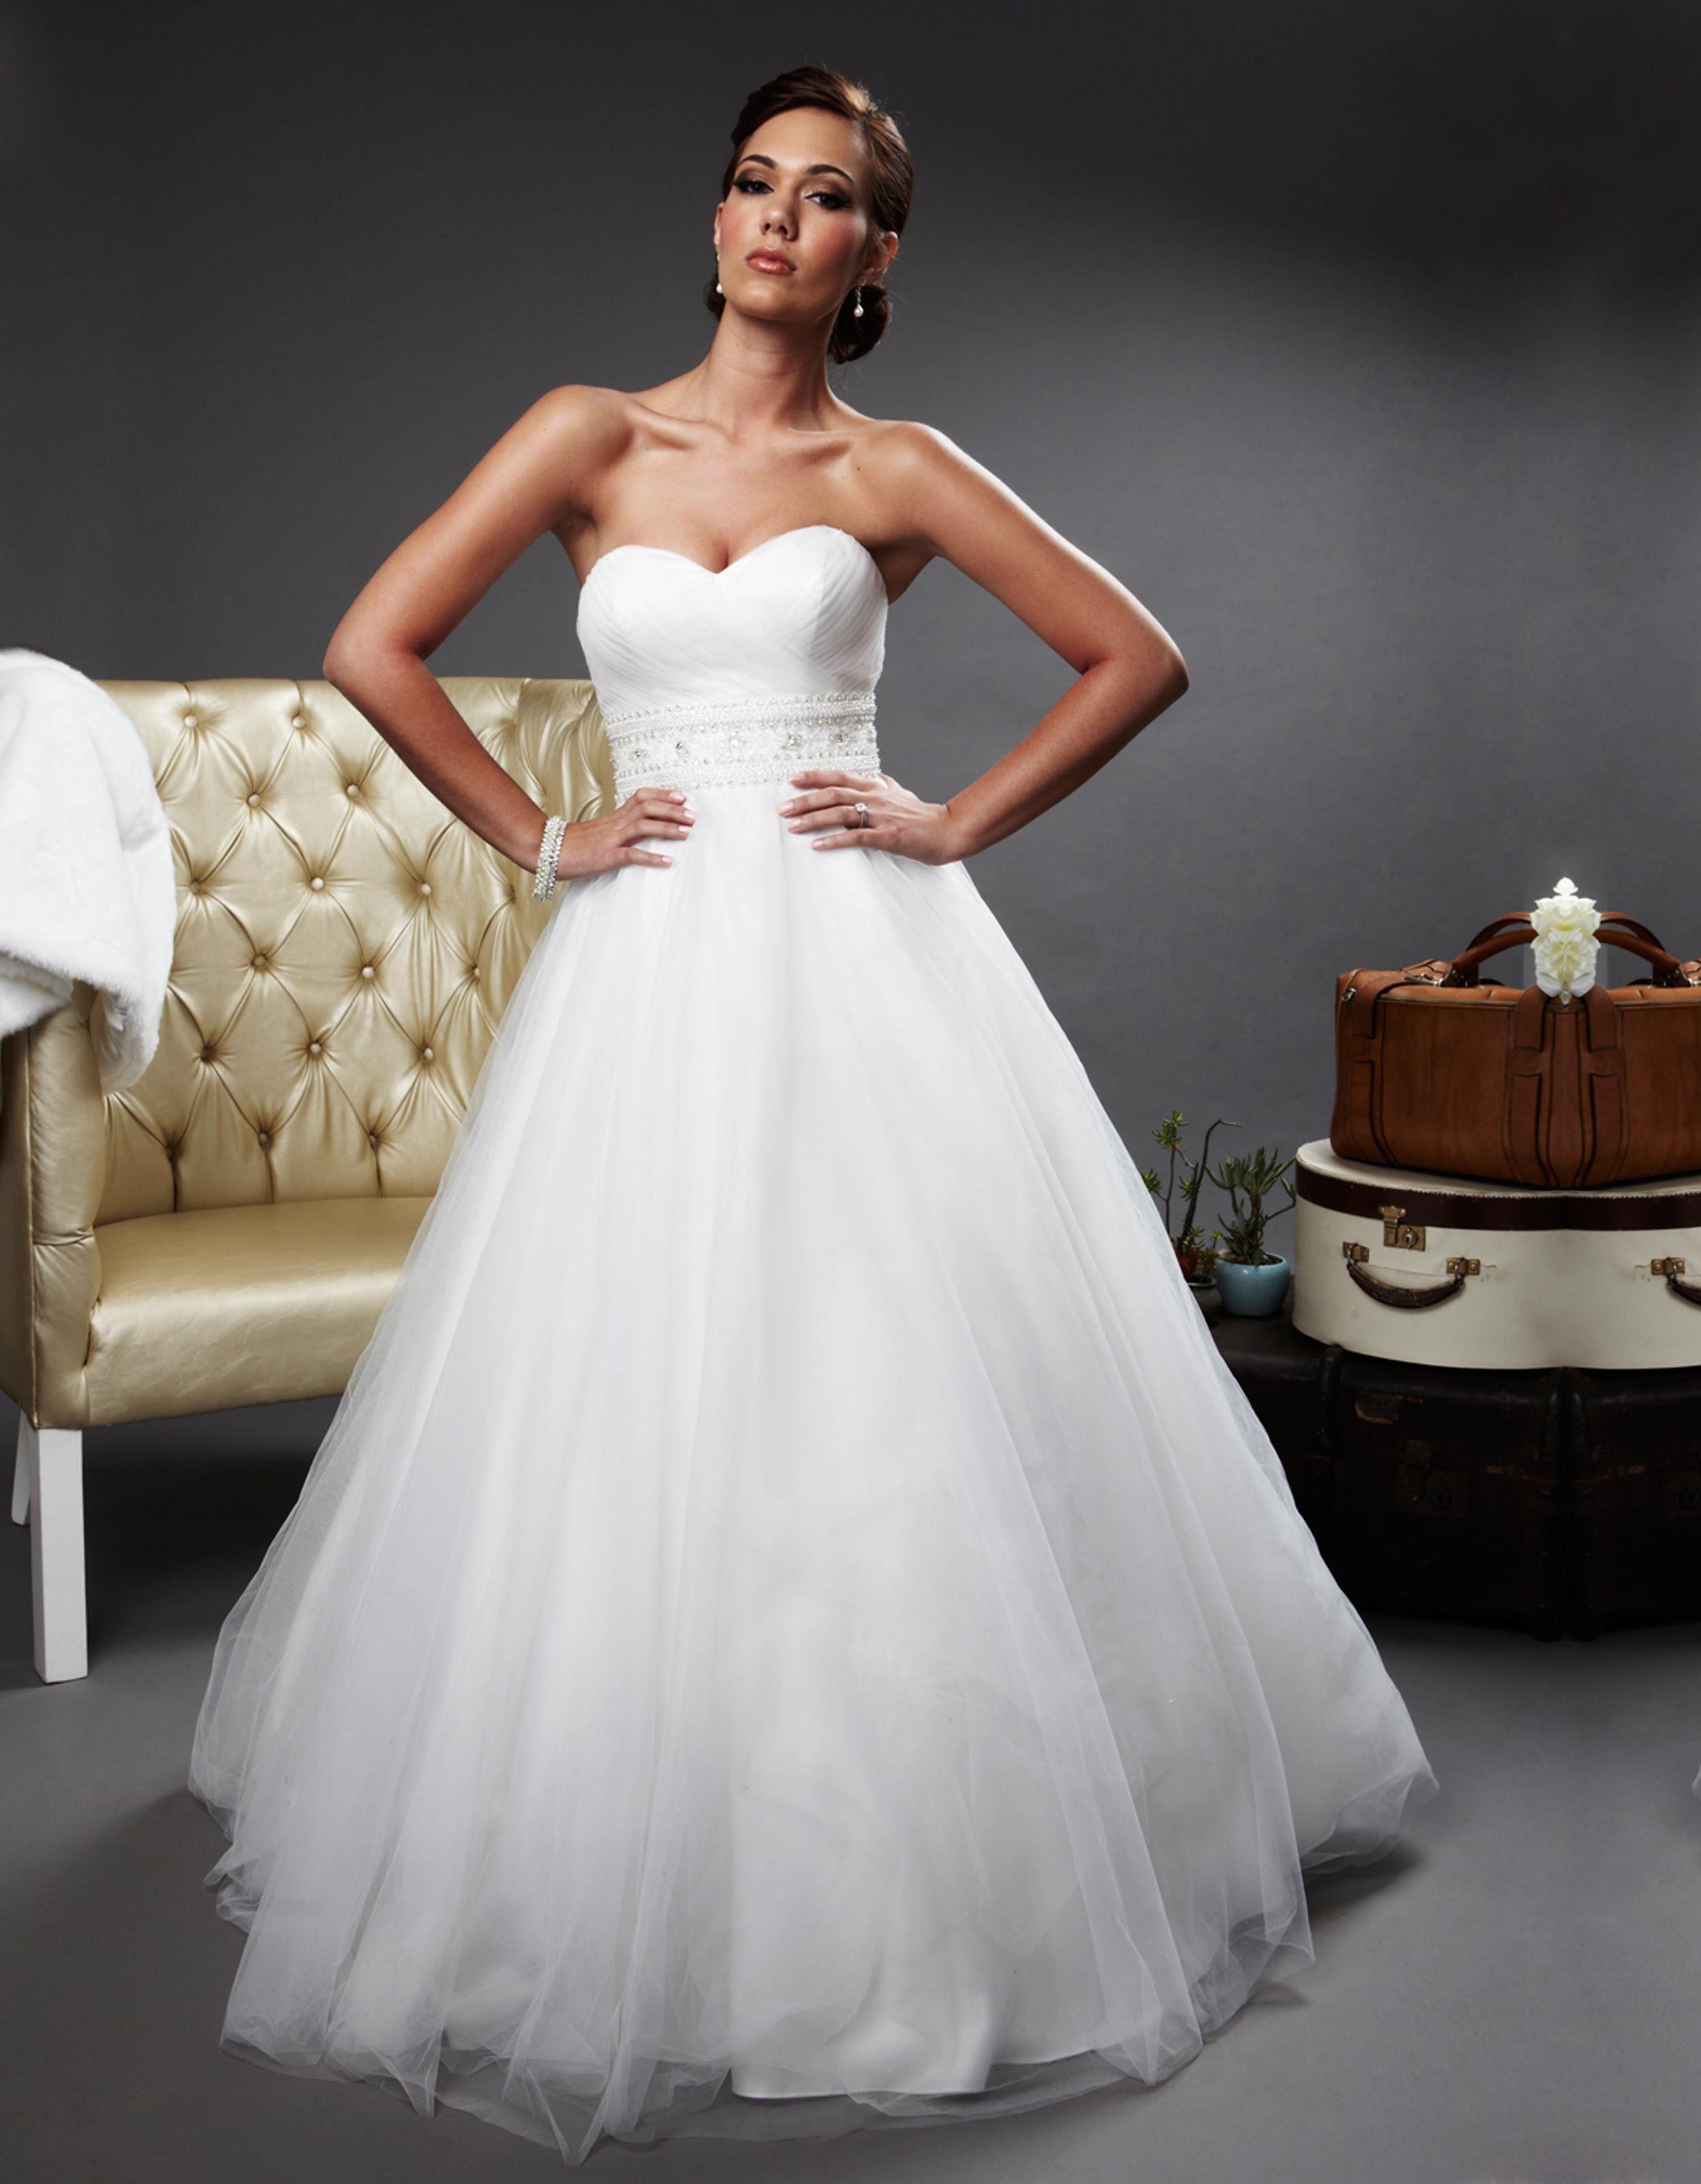 Oleg Cassini Strapless Tulle Ball Gown Size 6 Wedding Dress ...